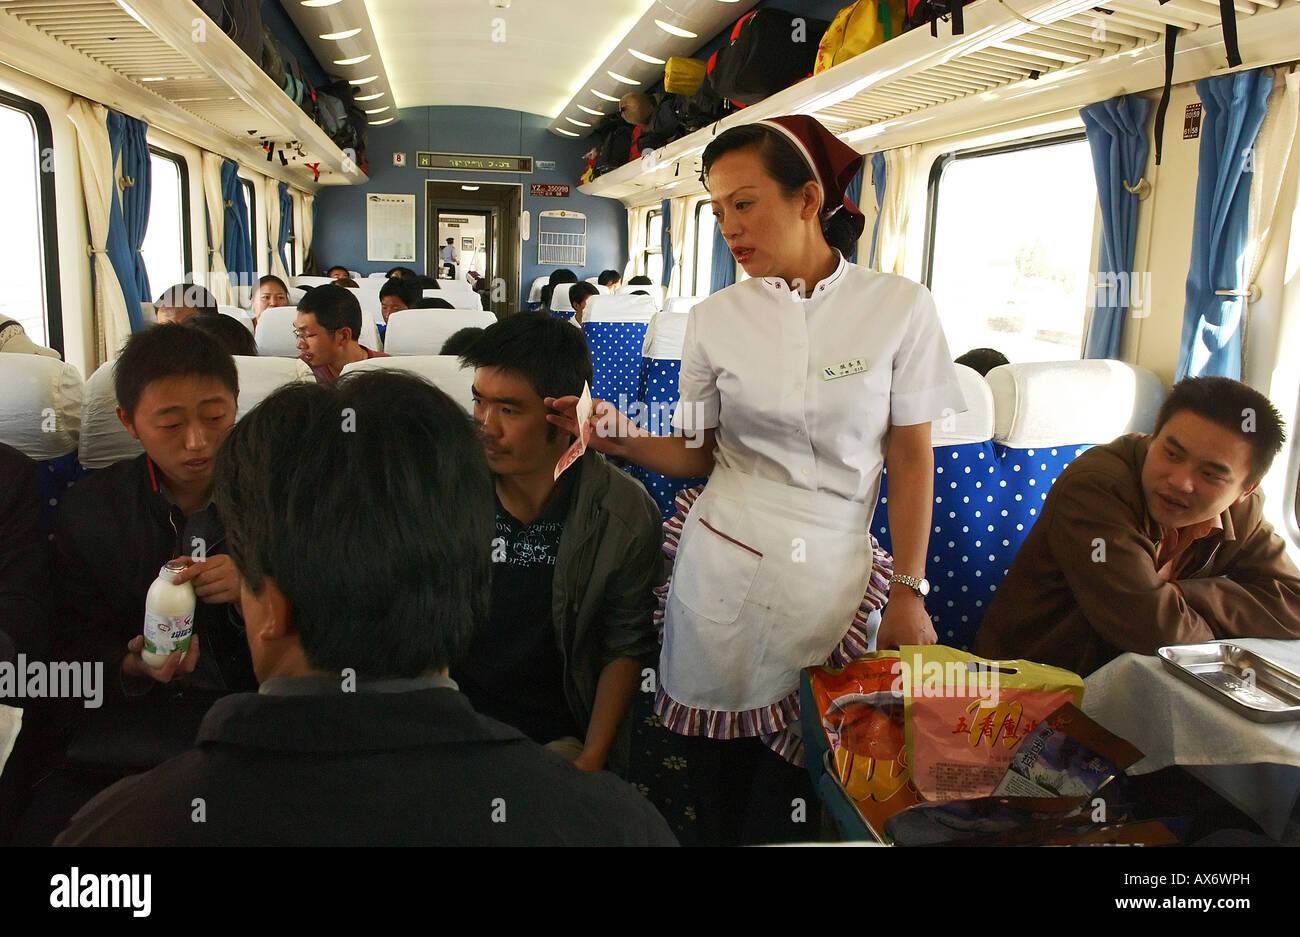 Passengers buy food on board the Tibet train, Tibet railway - Stock Image